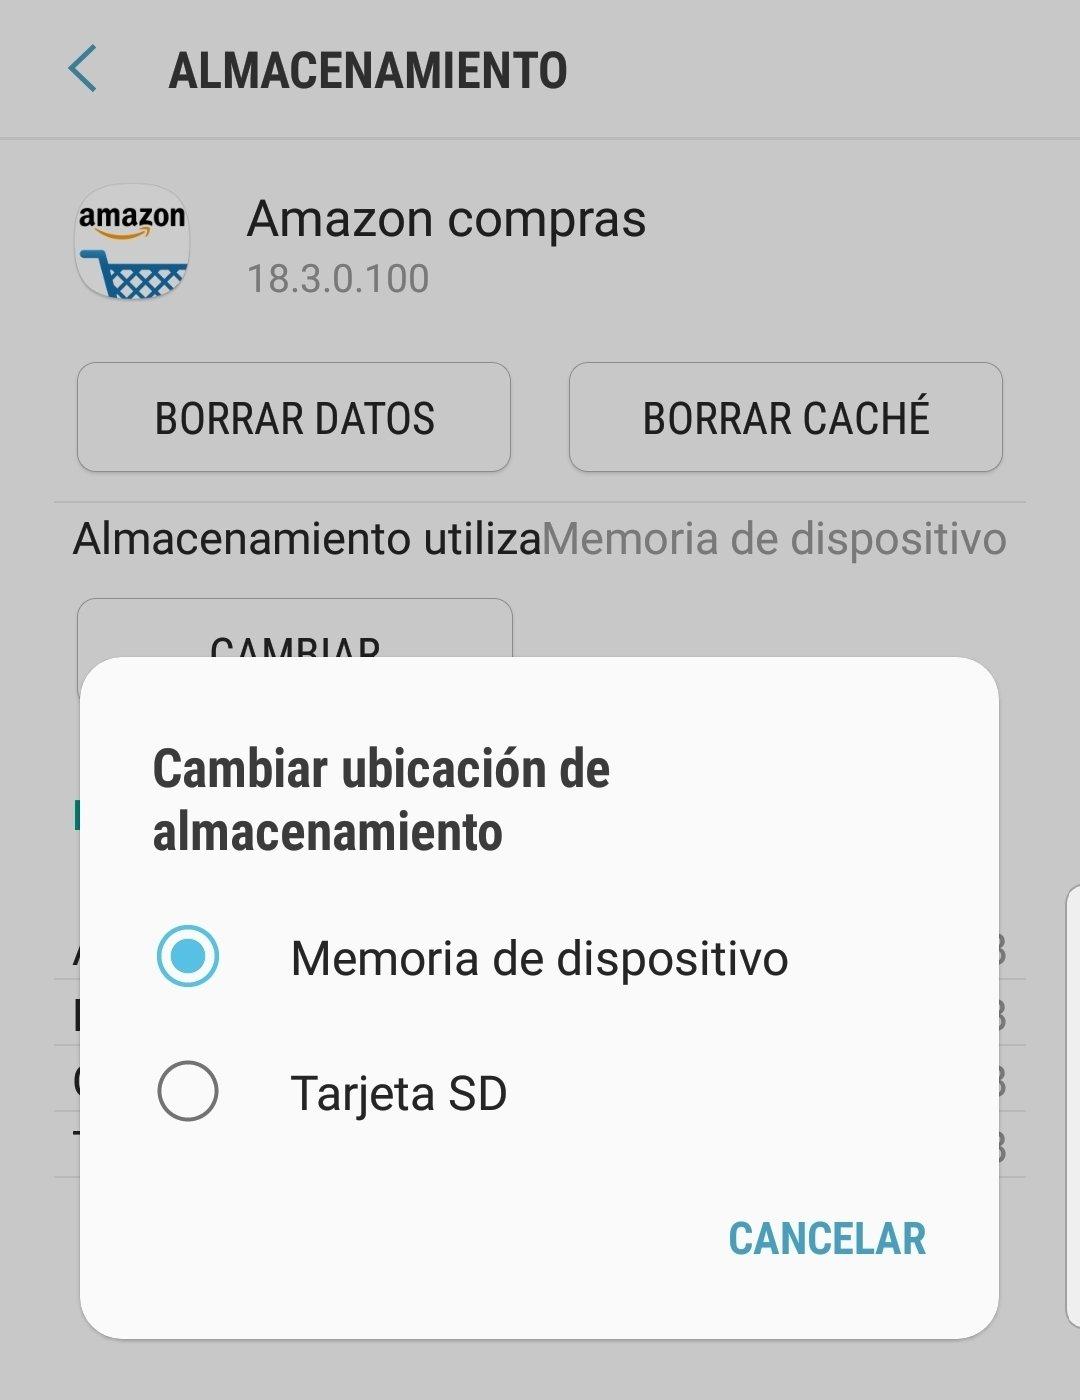 Opción para pasar parte del almacenamiento a la tarjeta SD